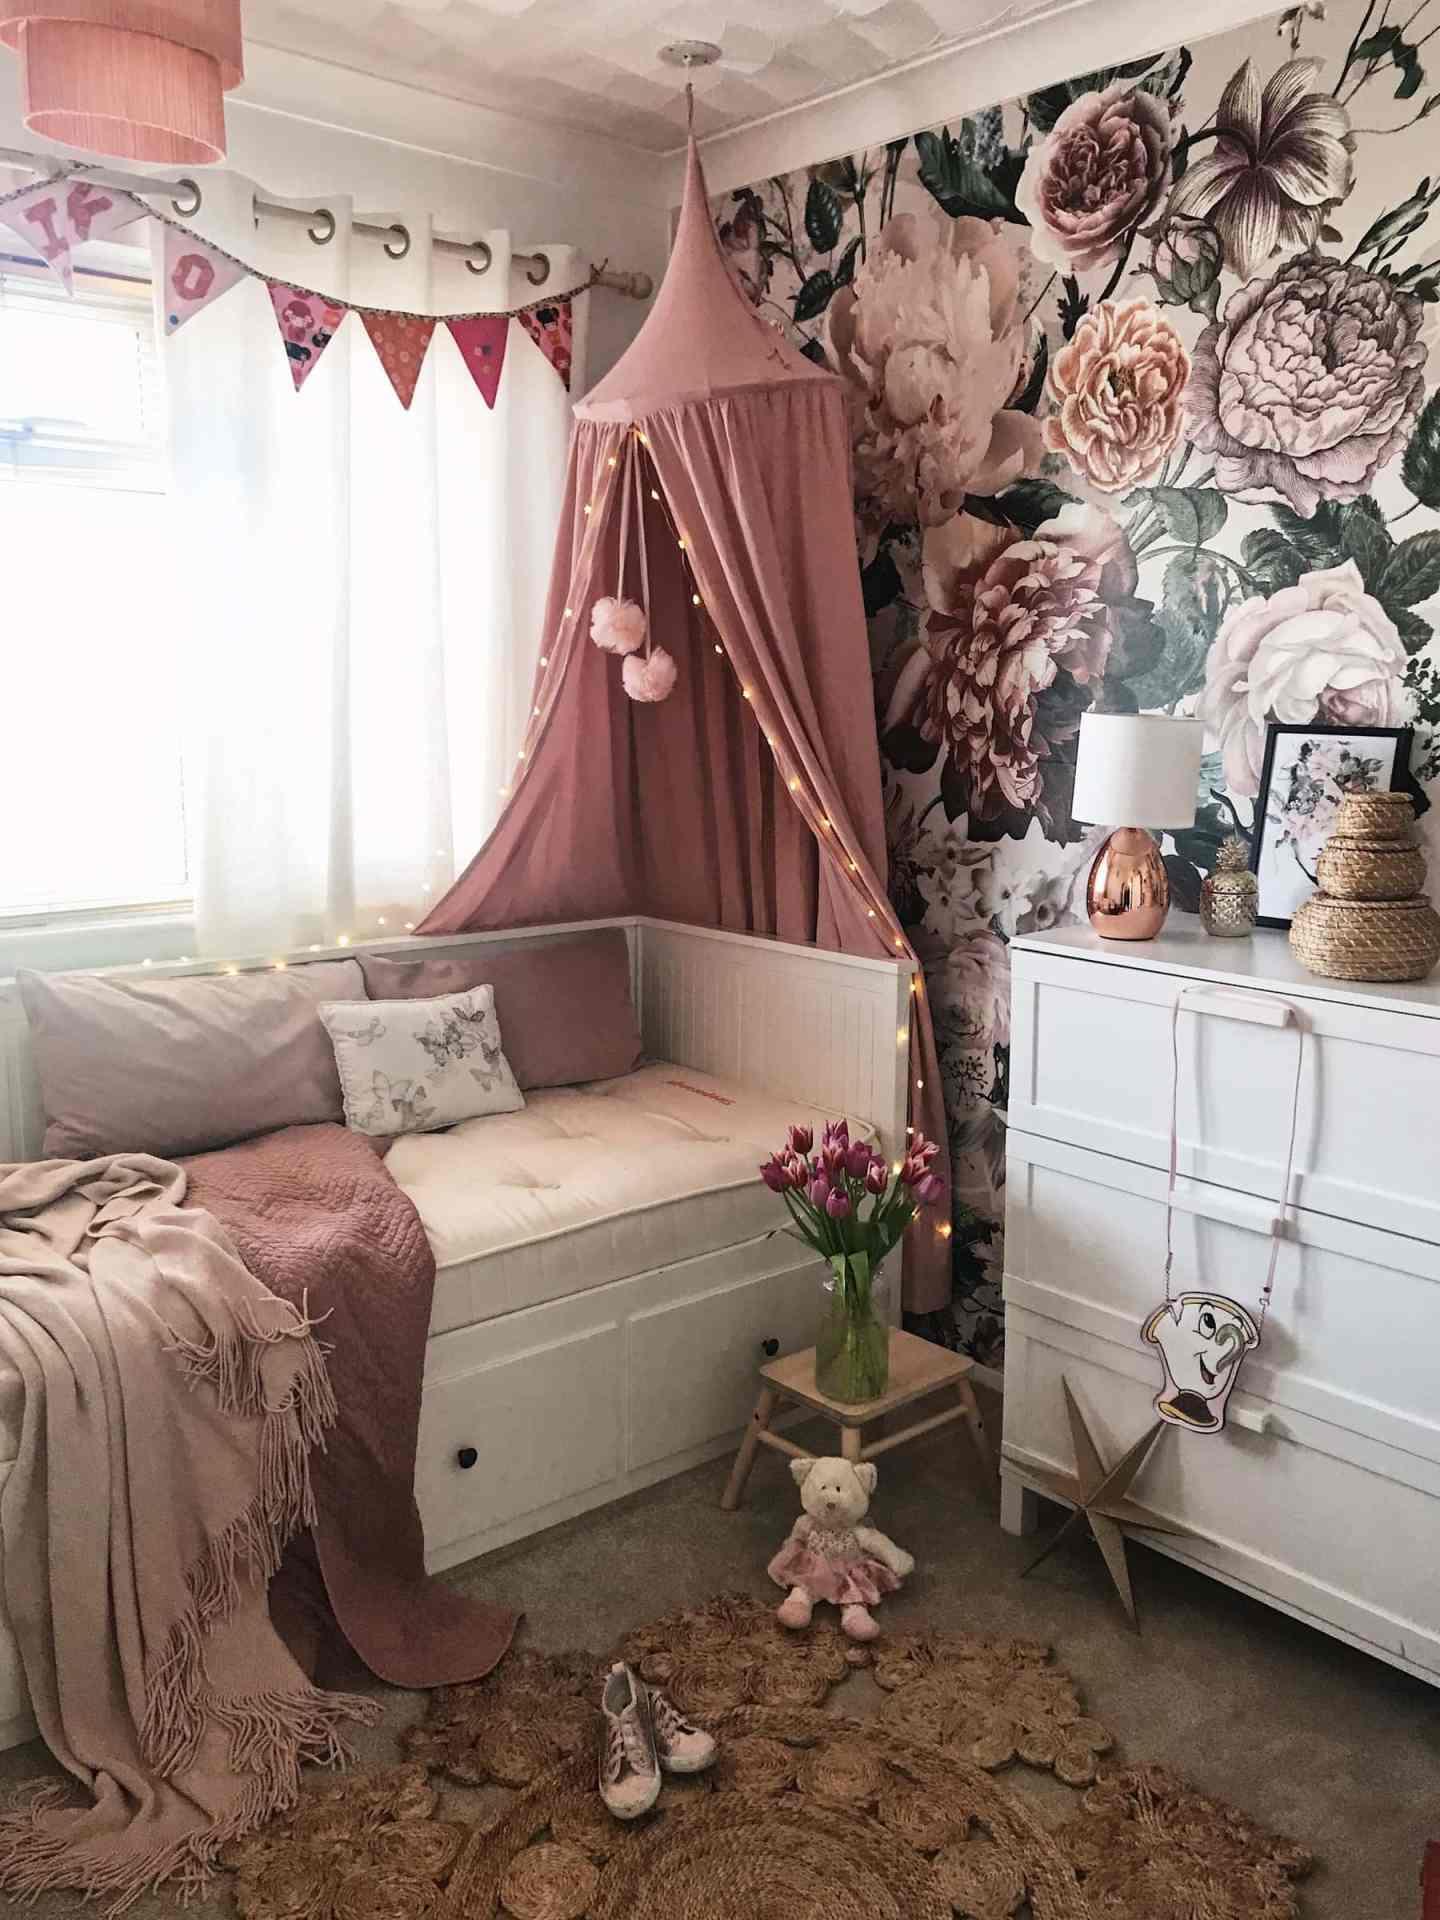 sleeporange mattress in a girls bedroom